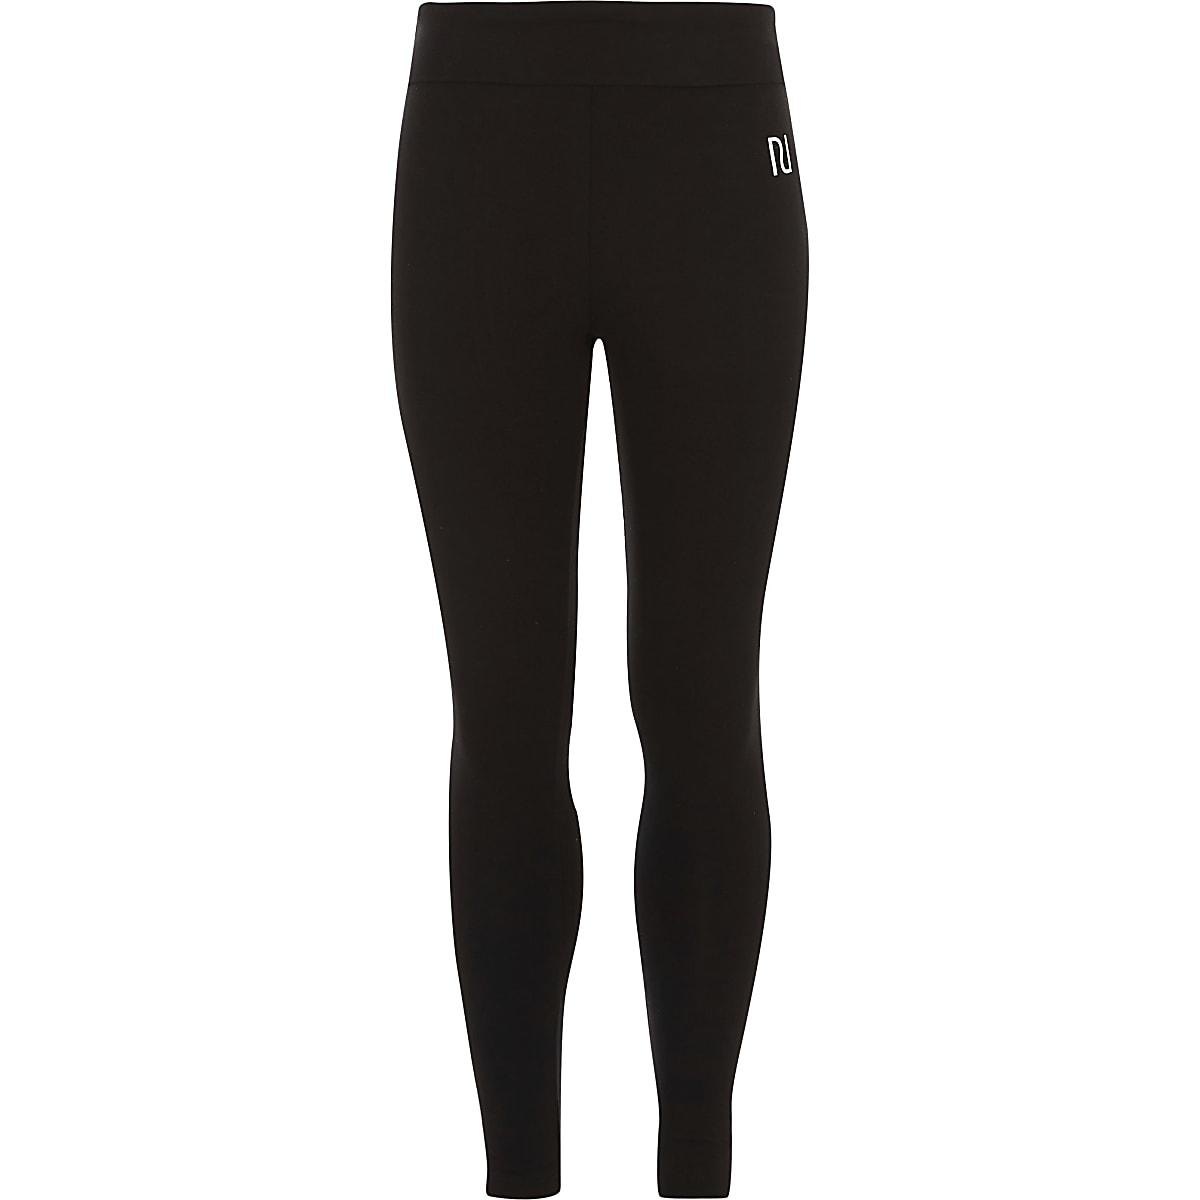 Girl black RI branded fold over leggings